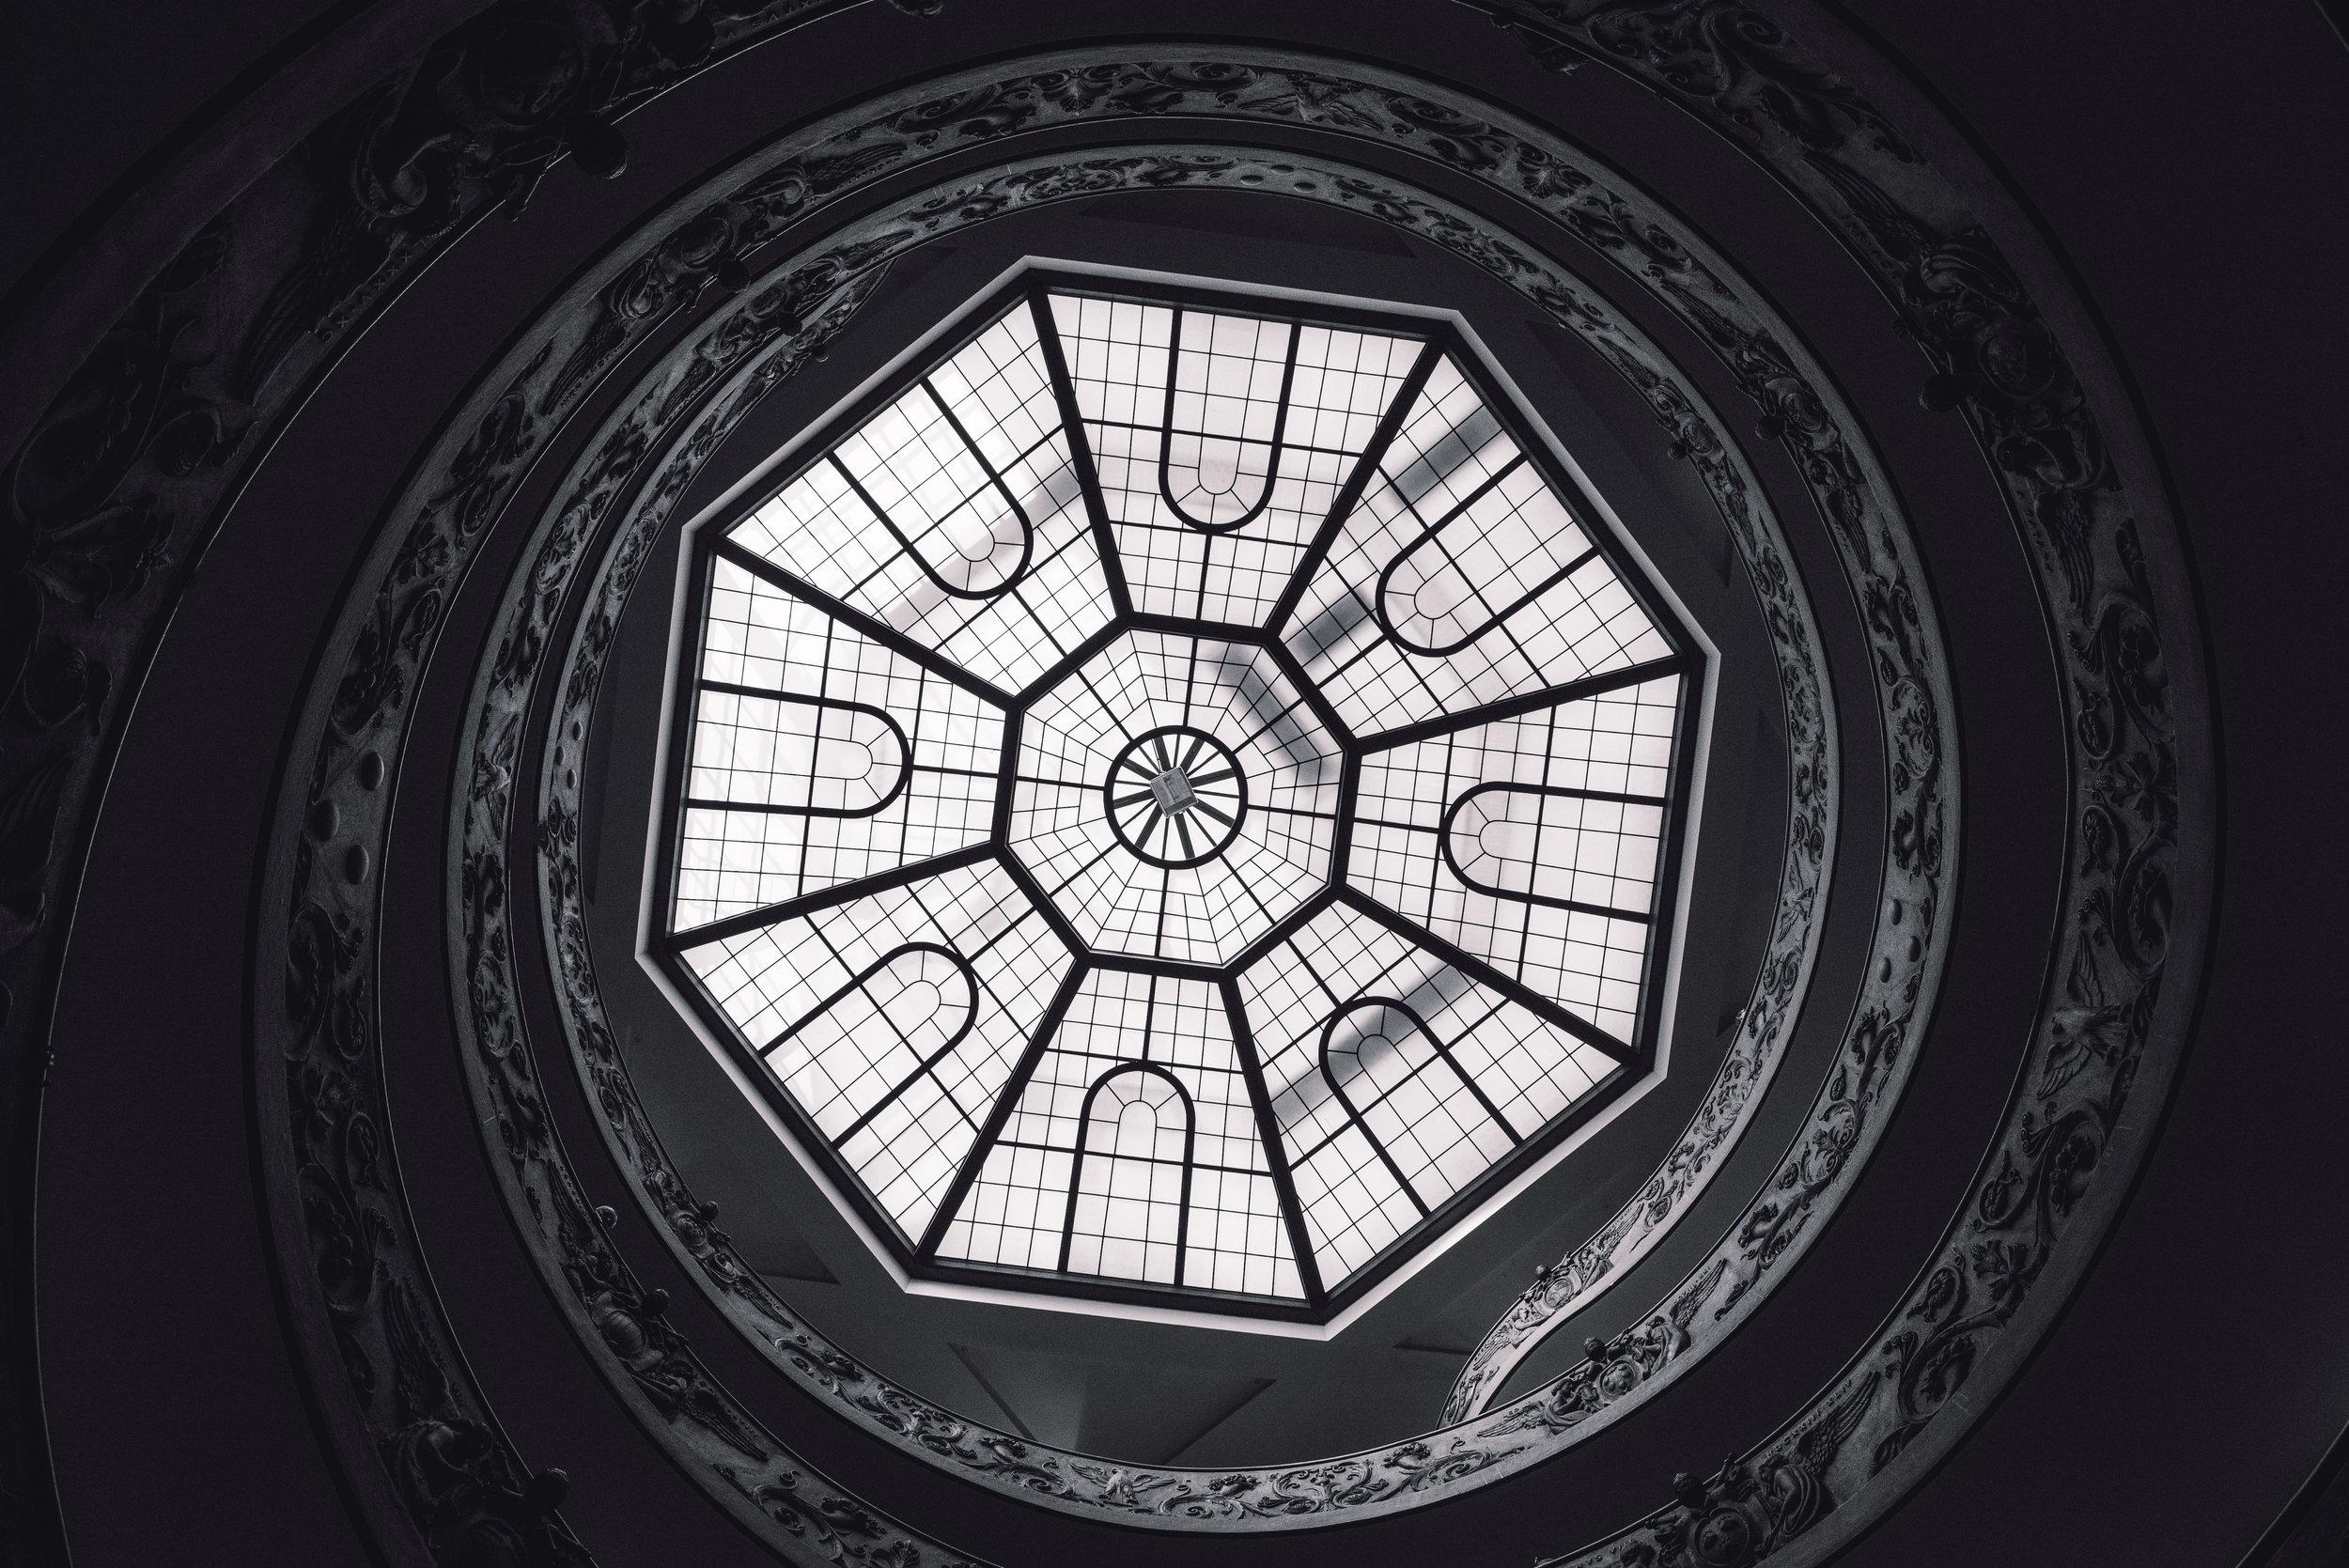 Vatican Staircase Looking Up.jpg